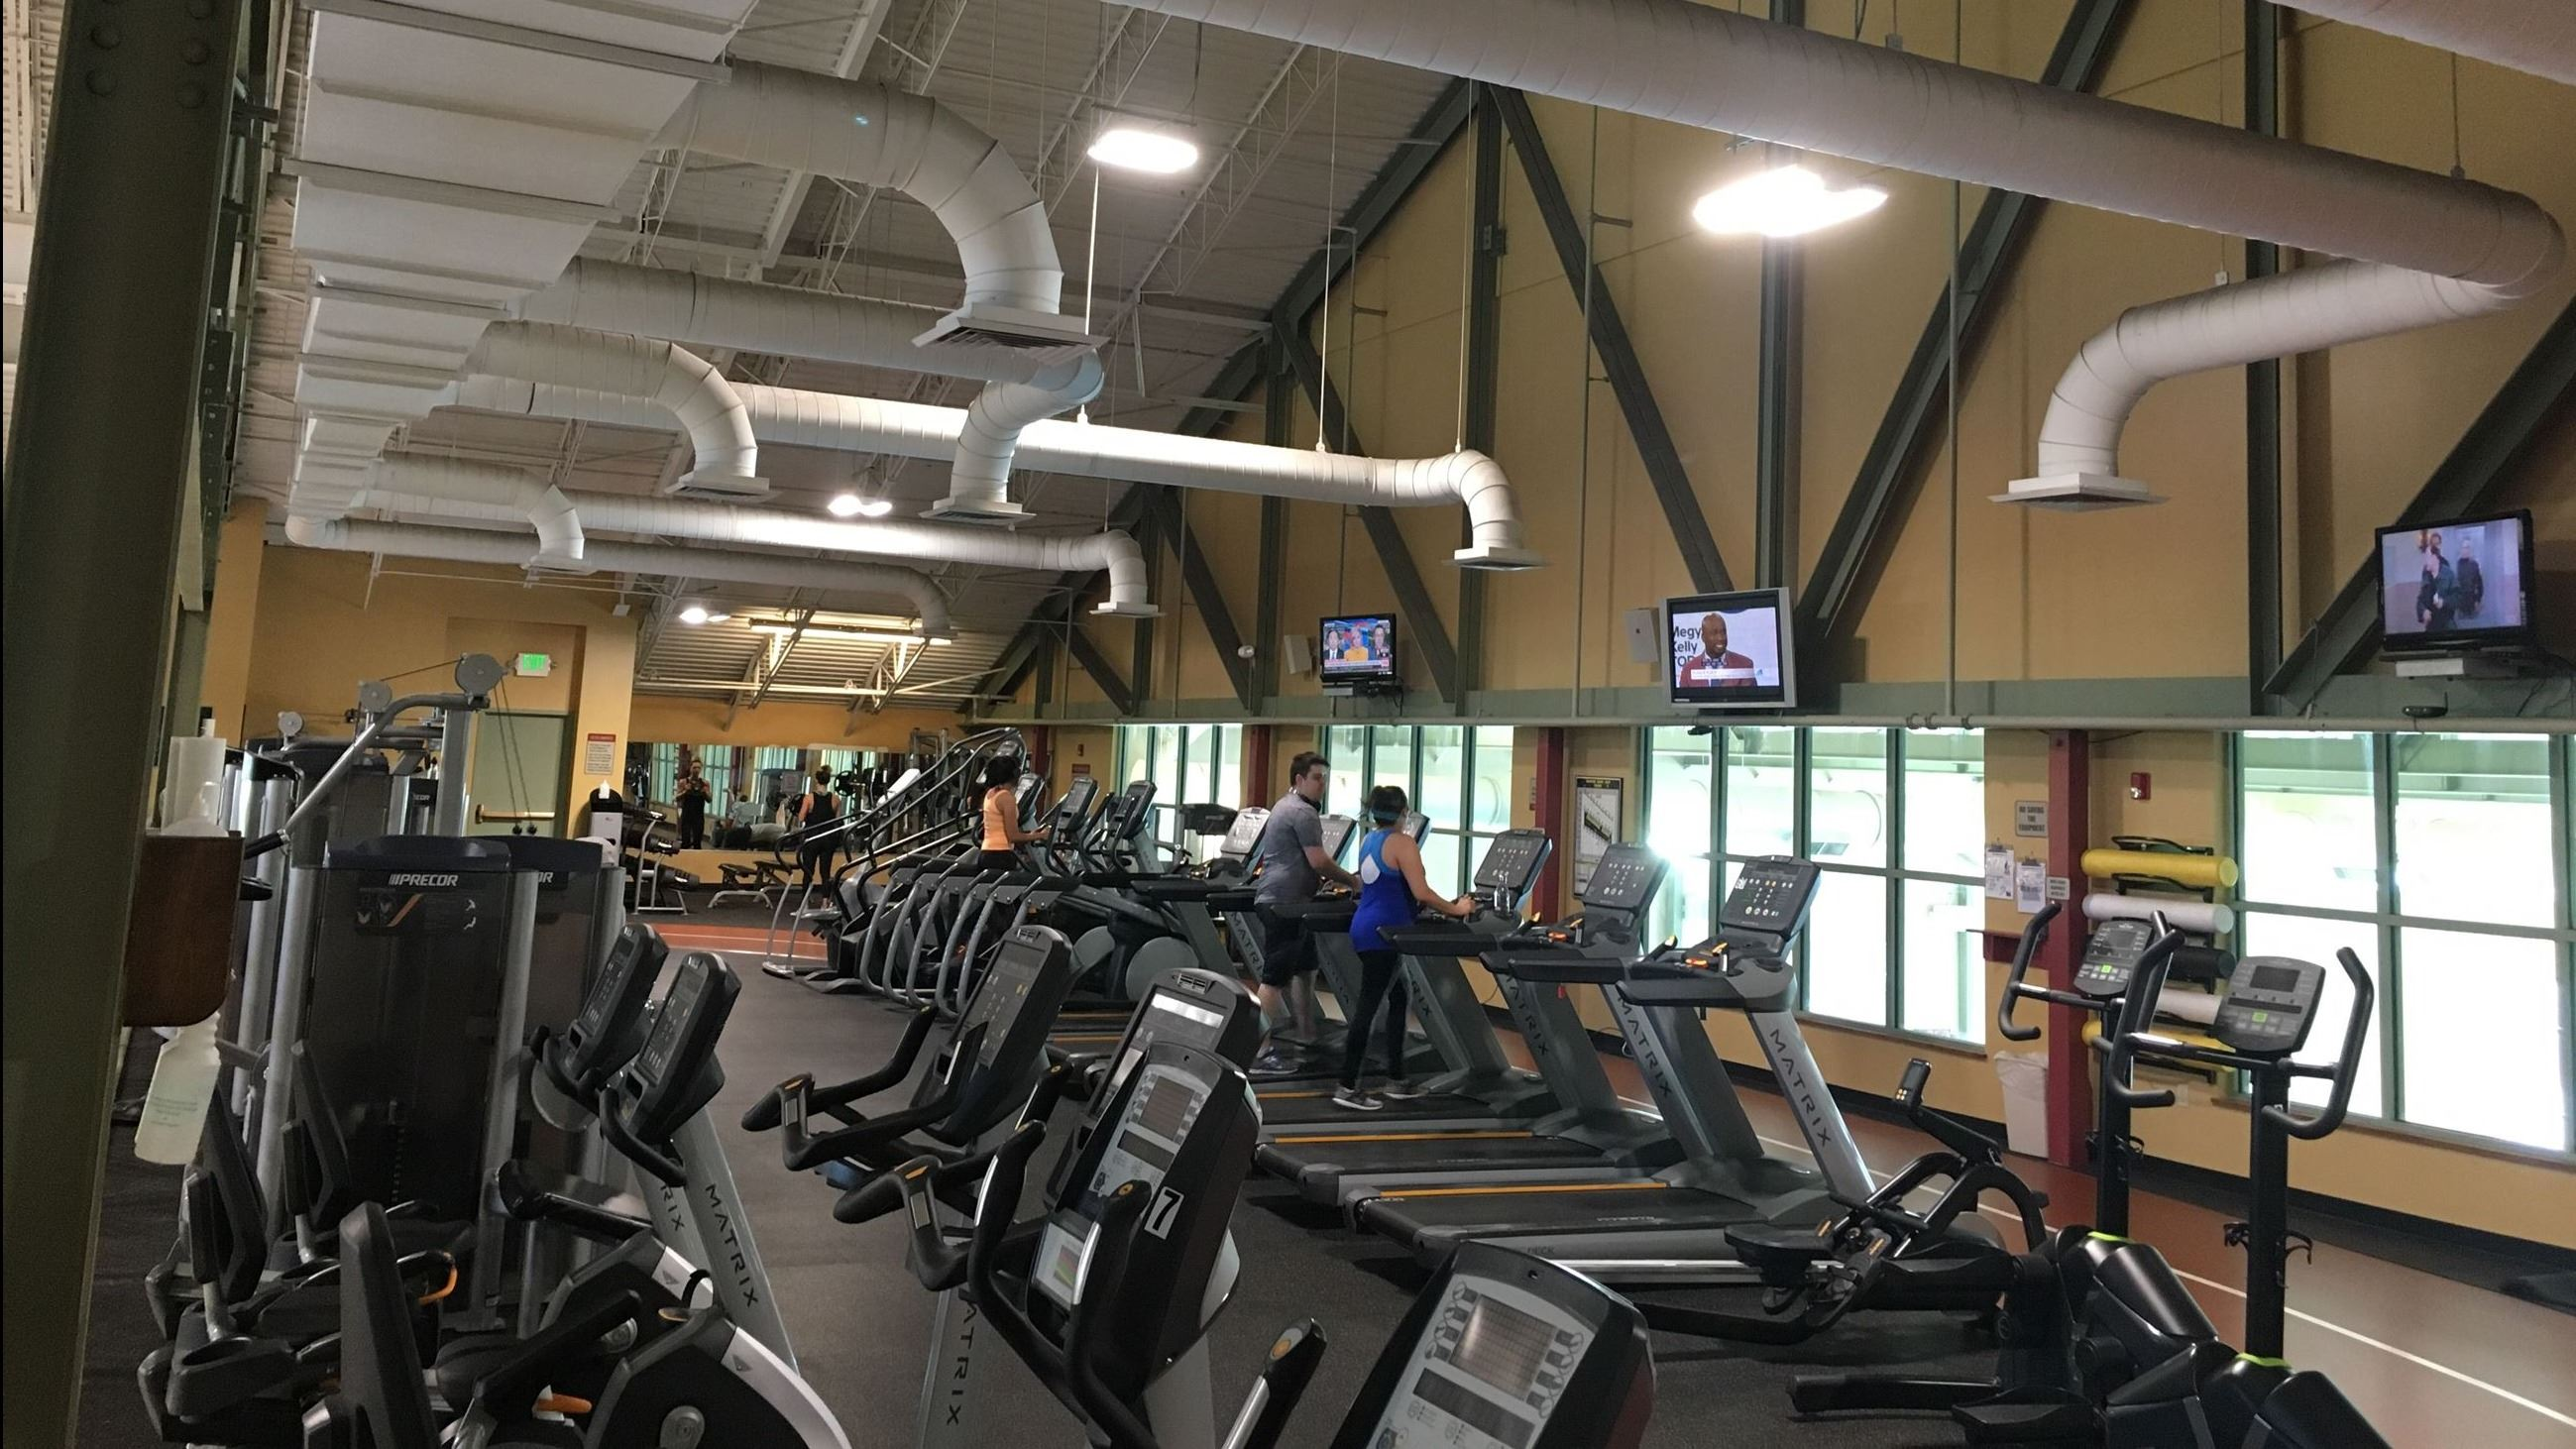 Fitness center glenwood springs parks & recreation co